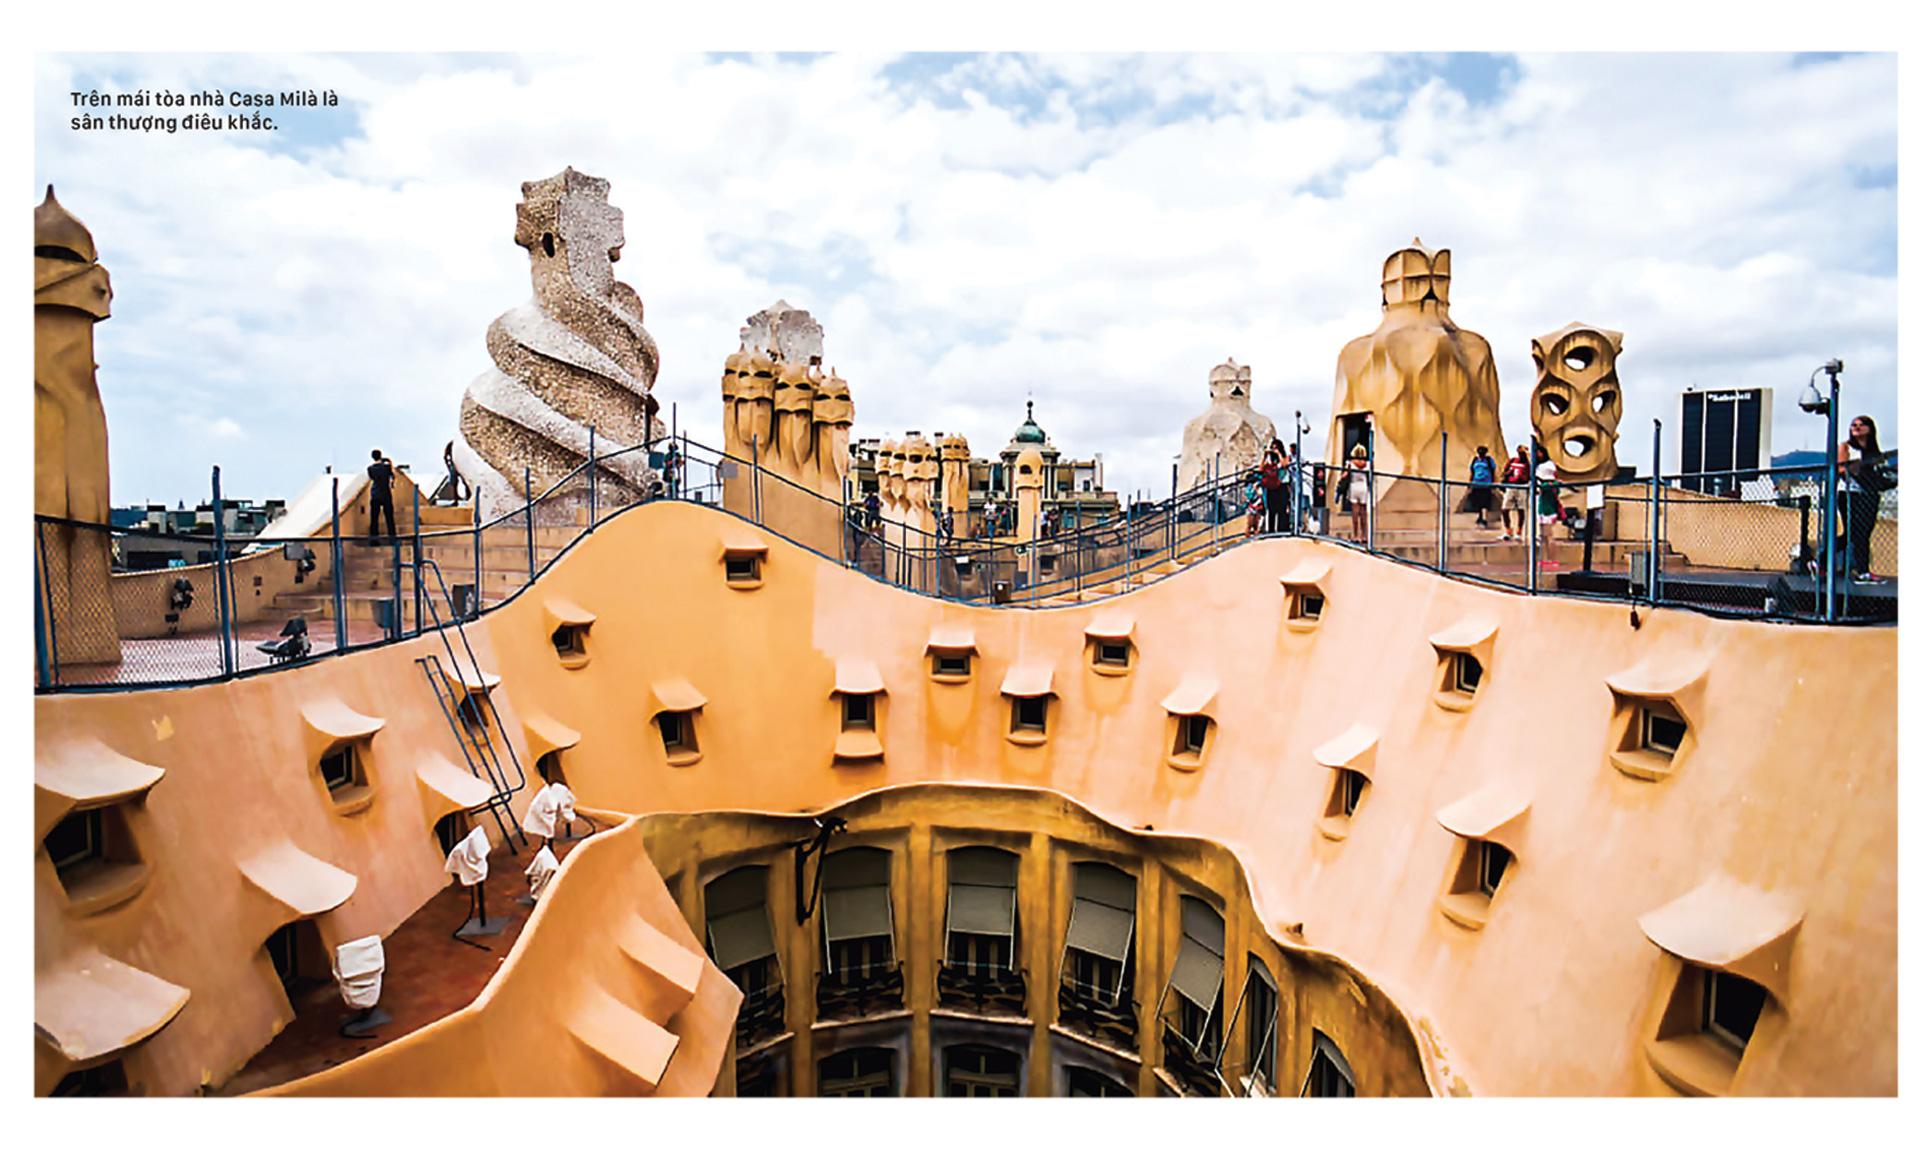 Thiên đường kiến trúc Gaudí ở Barcelona ảnh 2